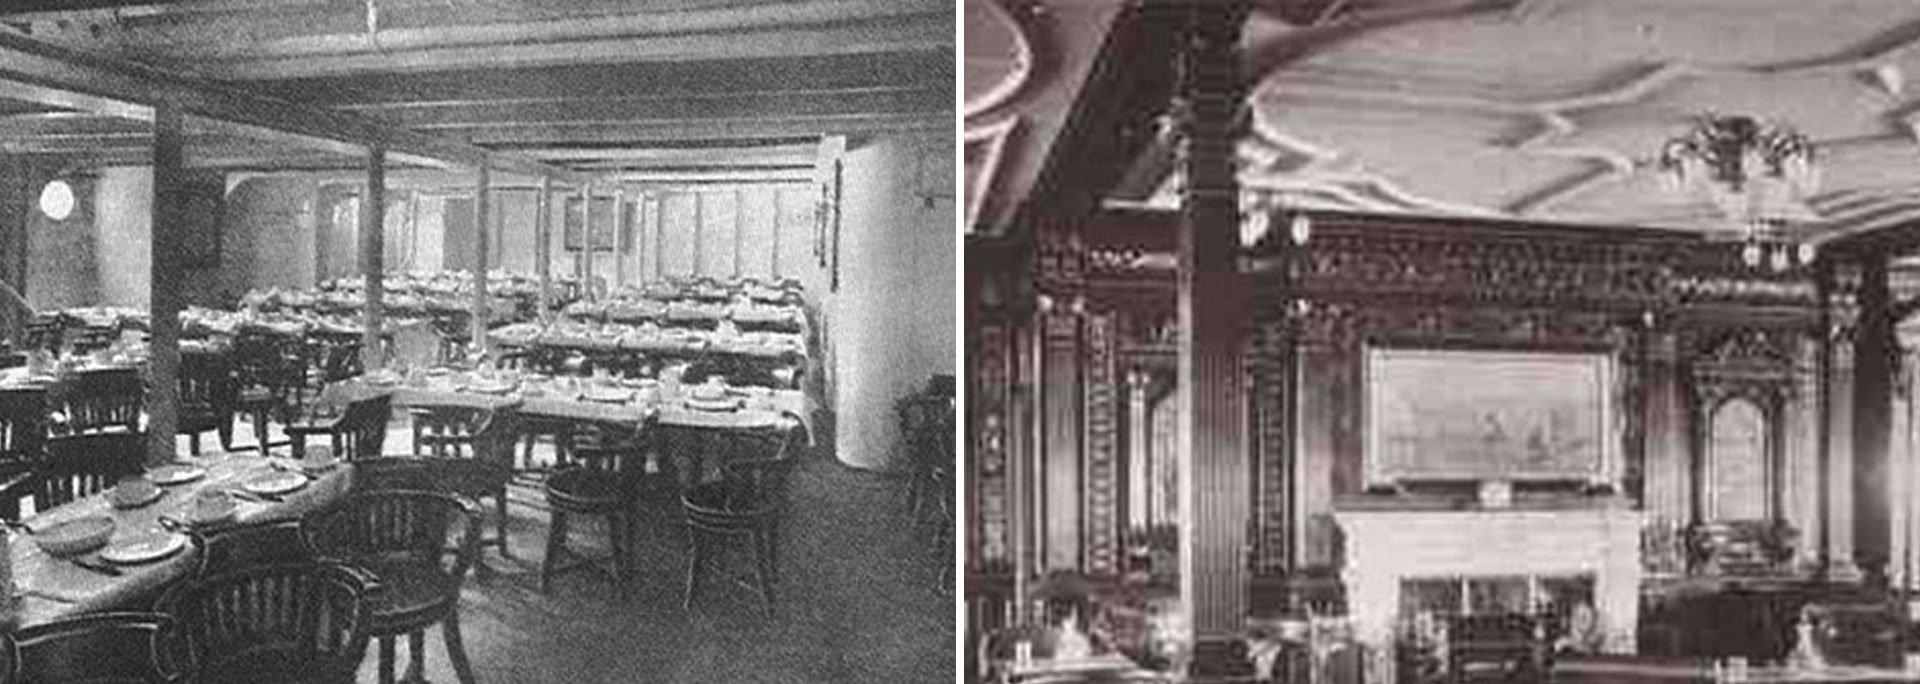 La sala de fumadores de primera clase. Tal como era a comienzos de siglo XX y la proyectada en el render de Blue Star Line